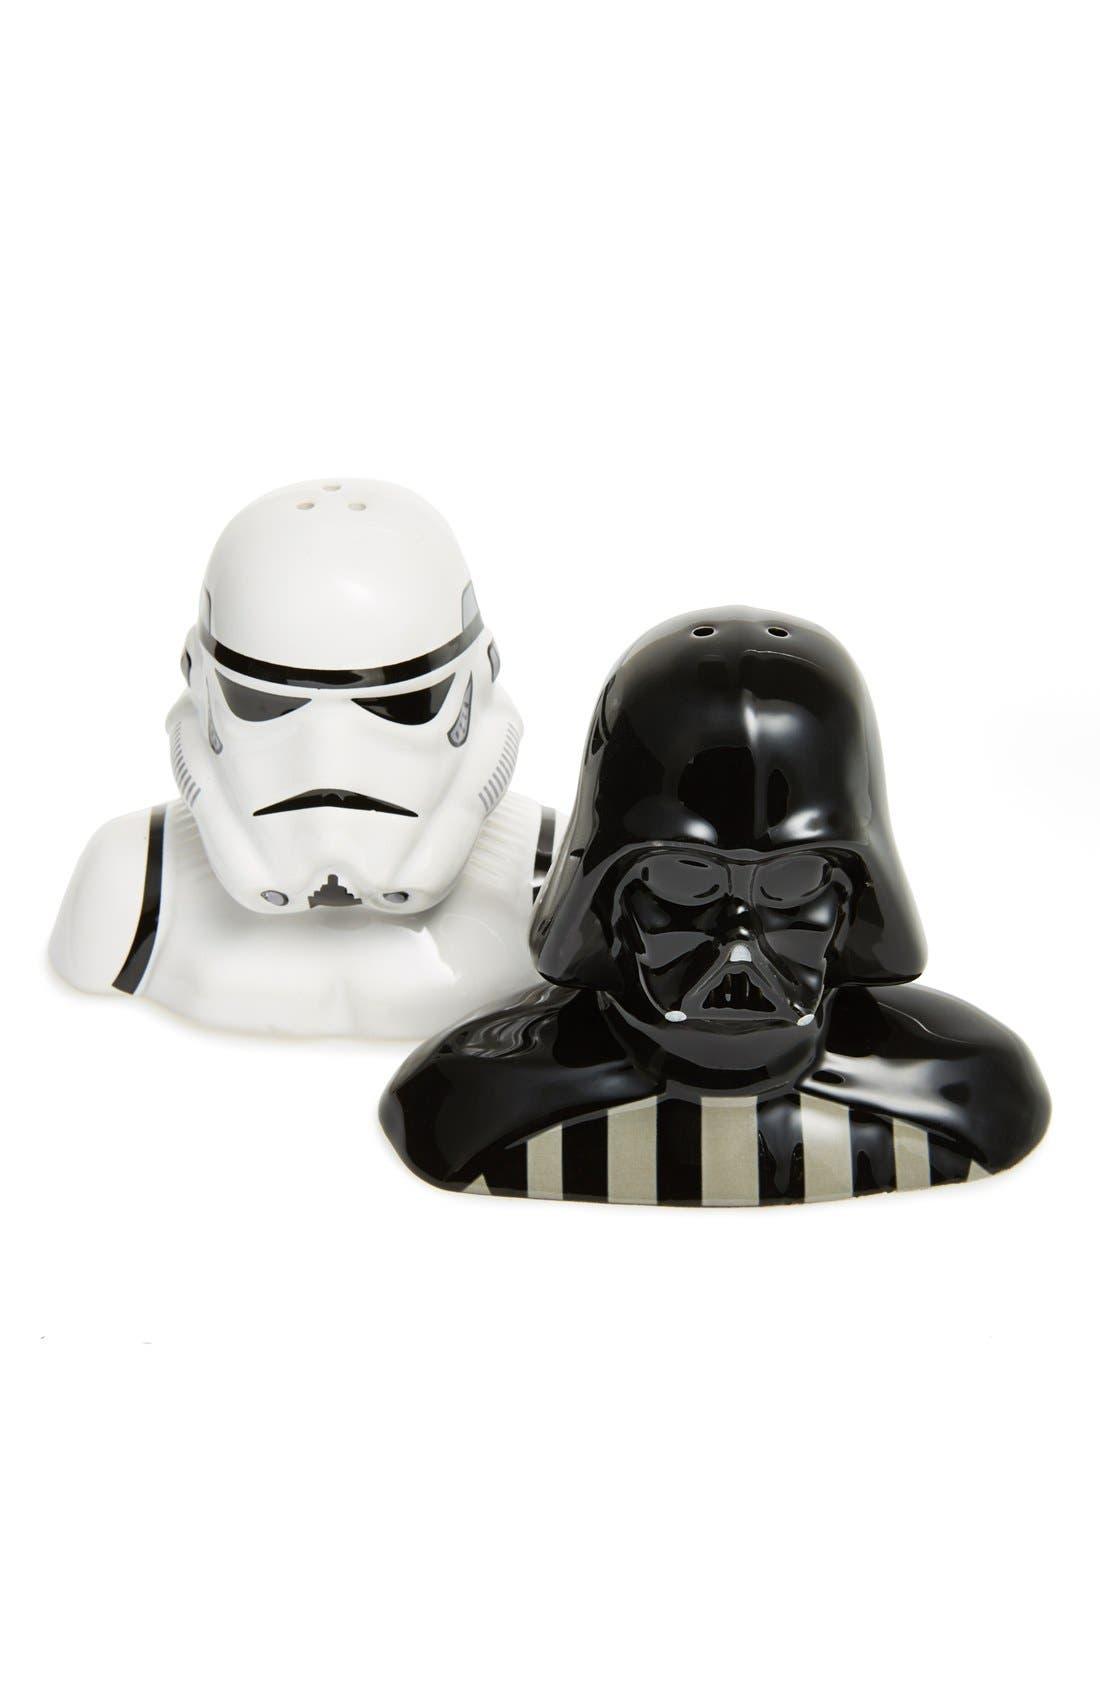 Vandor Star Wars Salt & Pepper Shakers